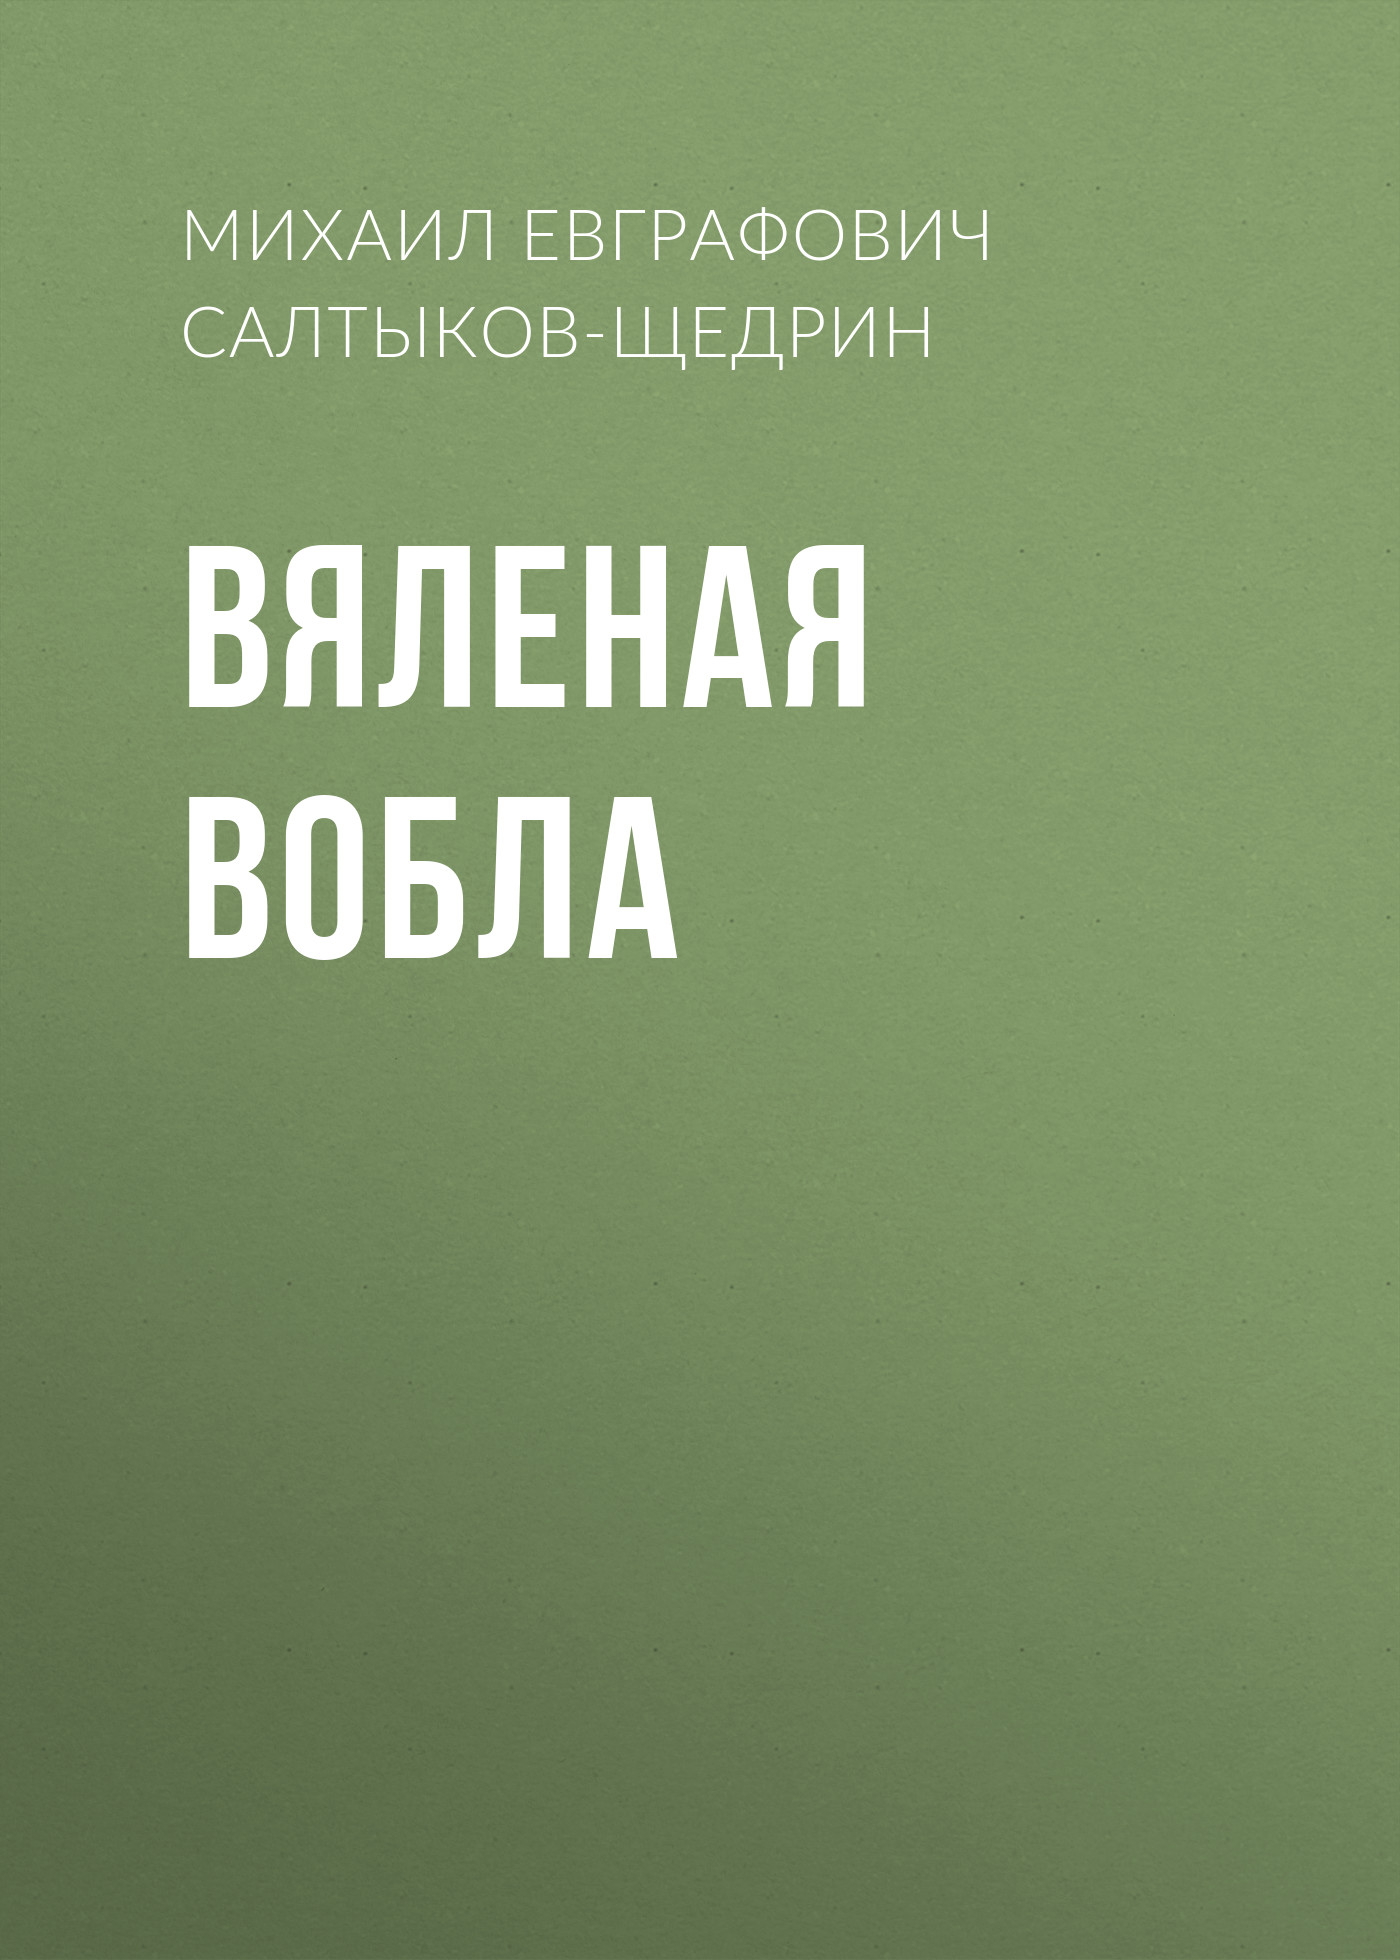 Михаил Салтыков-Щедрин Вяленая вобла